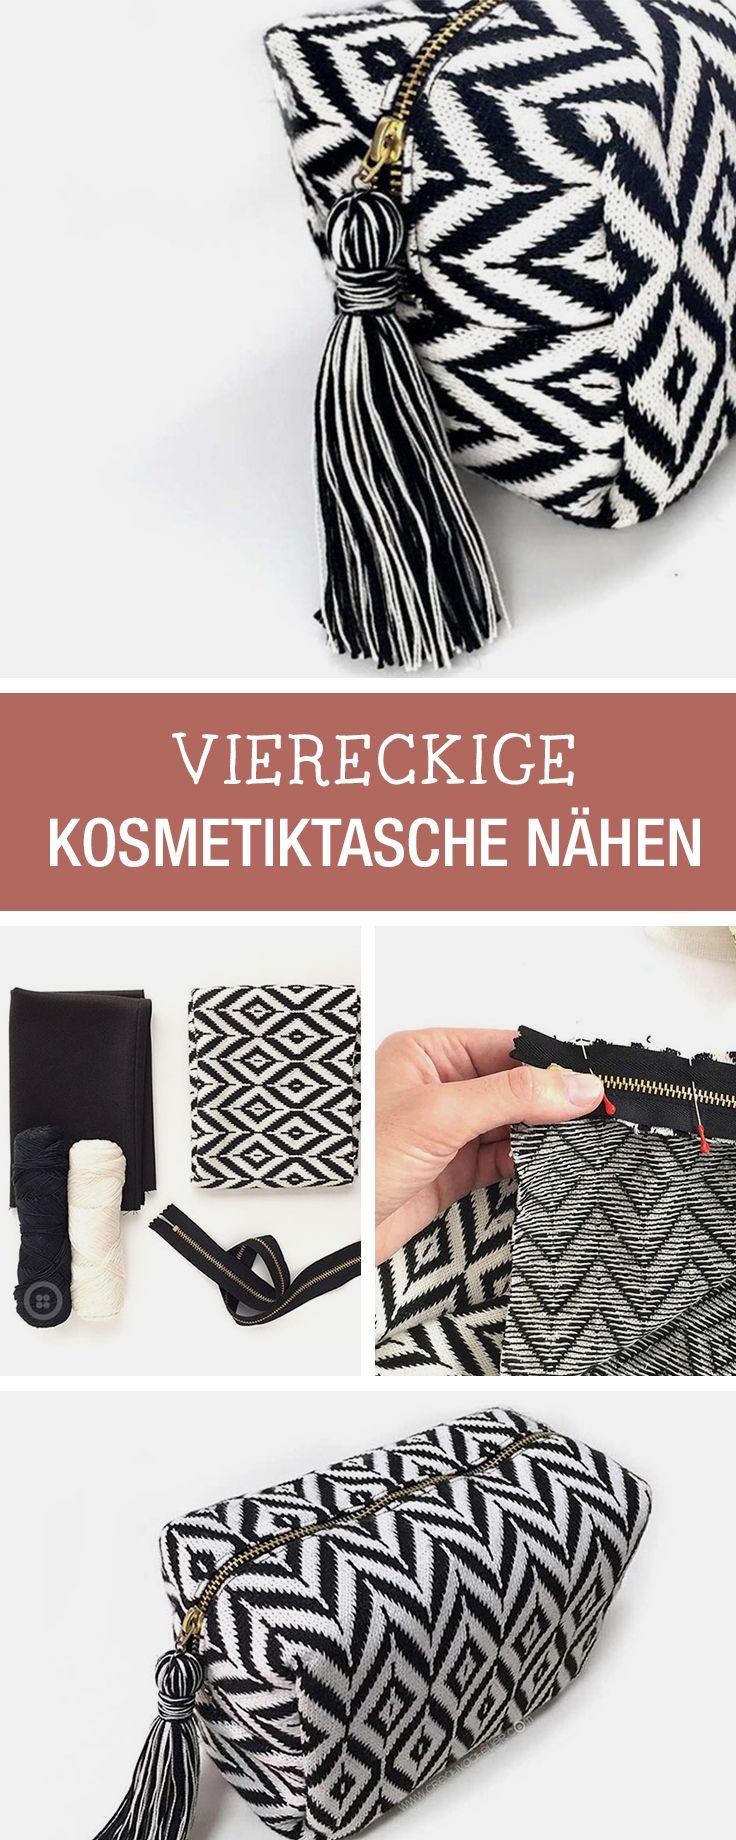 Taschen selbernähen: Nähanleitung für eine viereckige Kosmetiktasche / diy sewing tutorial for cosmetic bag via DaWanda.com